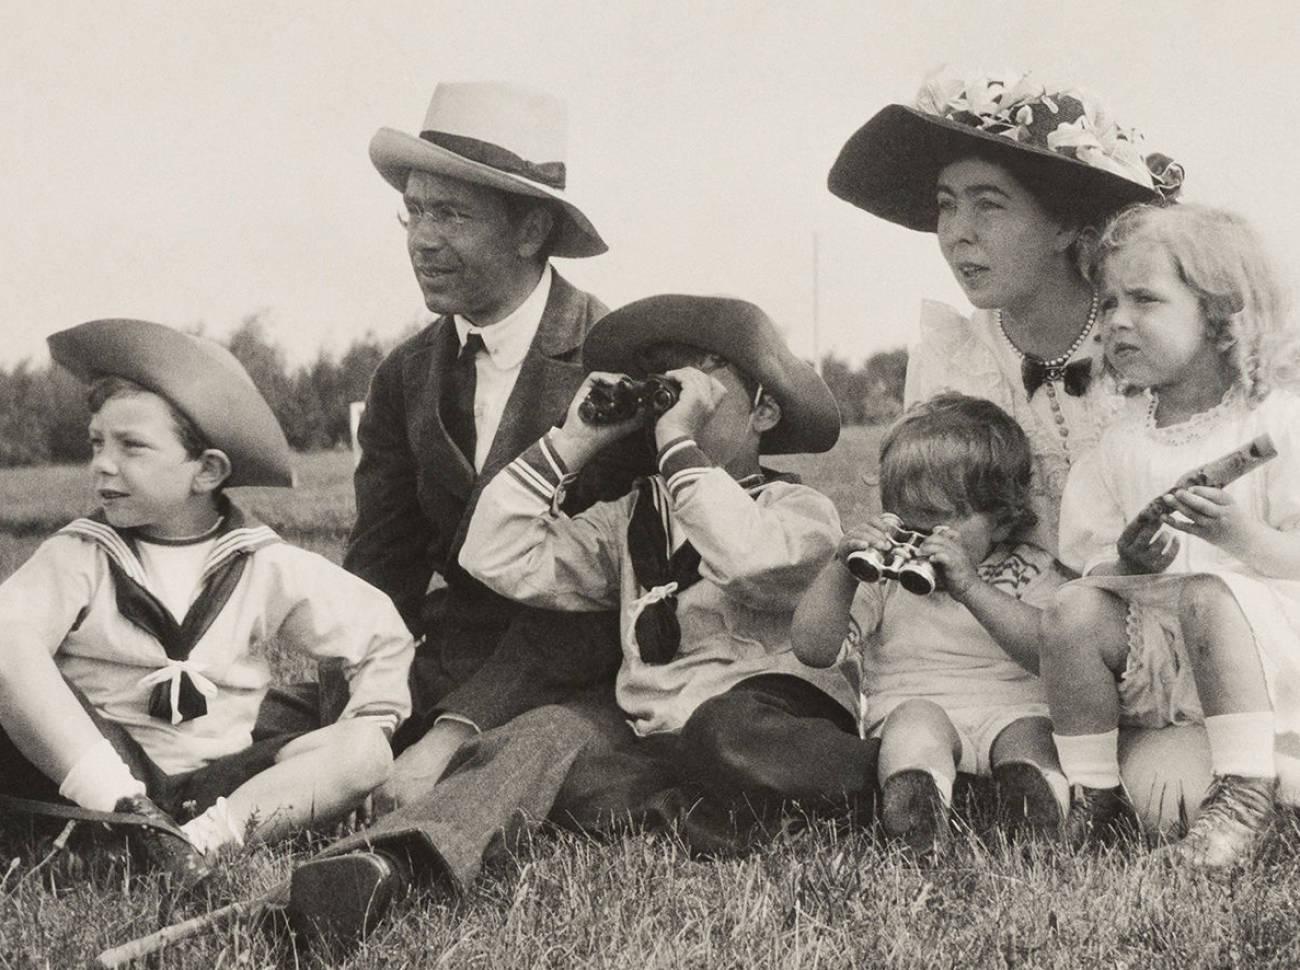 Одно из семейных фото с открывающейся 06/06 выставки - справа налево принц Sigvard, Gustaf VI Adolf, отец нынешнего короля принц Gustaf Adolf, принц Bertil, кронпринцесса Margareta и принцесса Ingrid.